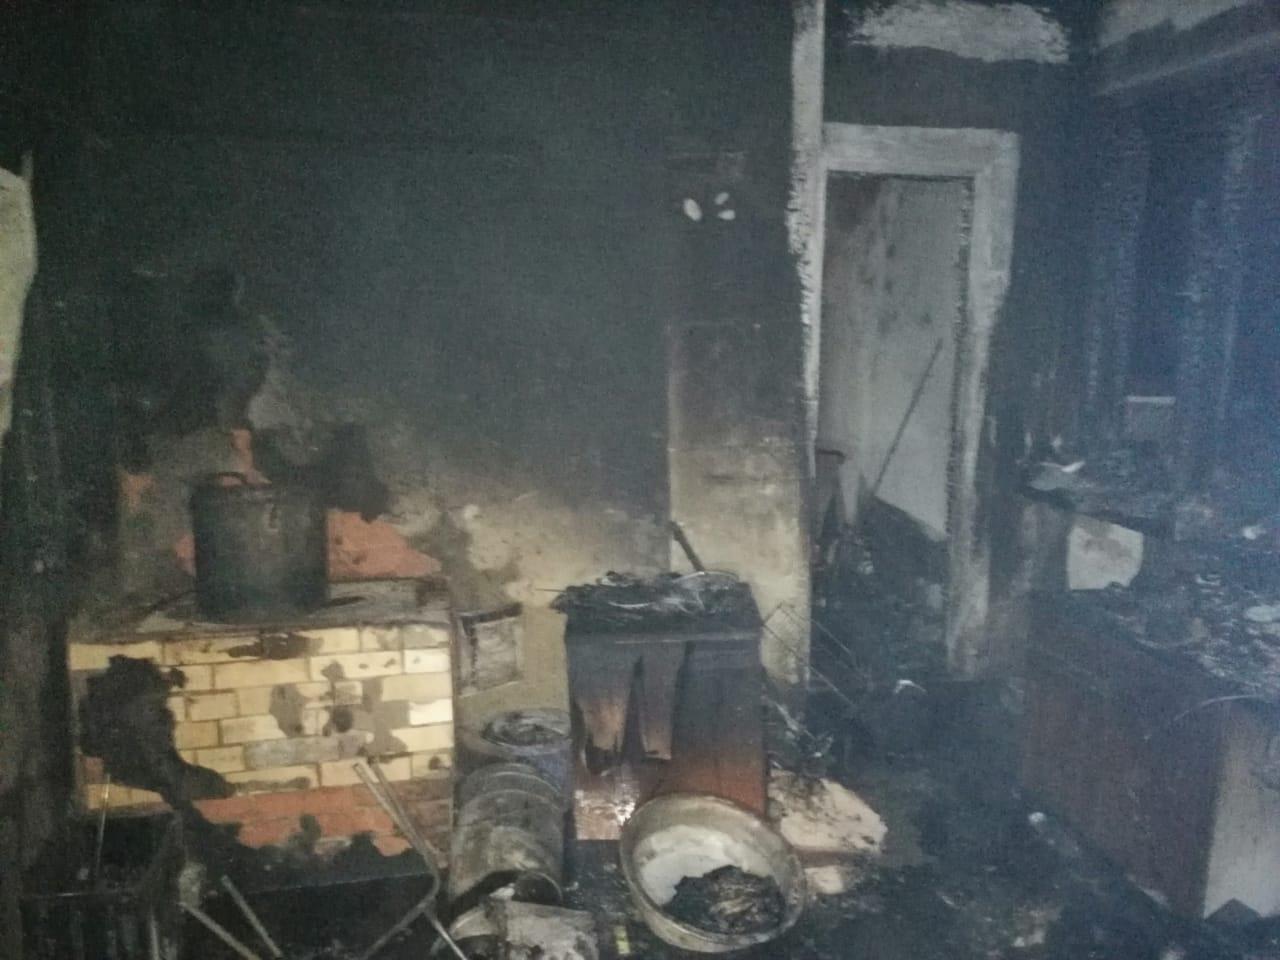 В пригороде Новороссийска выгорел первый этаж дачного дома (фото с места события)